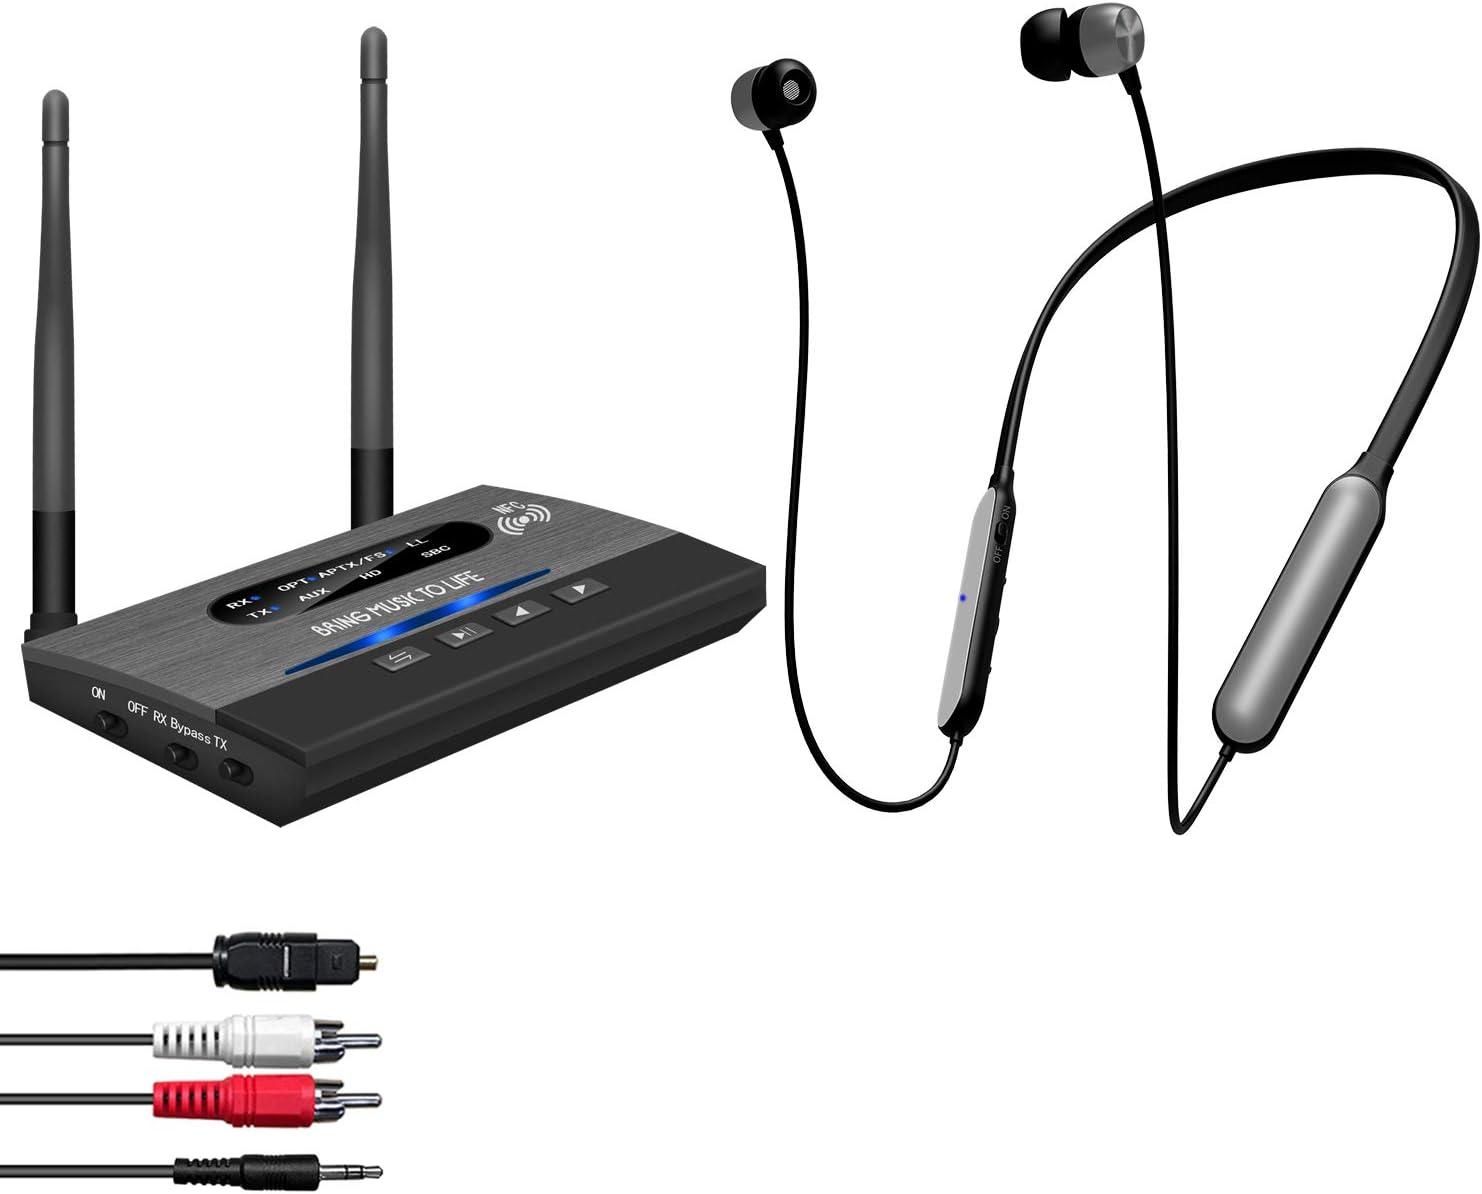 Auriculares inalámbricos Auriculares para ver televisión, juego de audífonos Bluetooth con banda para el cuello Friencity con transmisor de rango de 246 pies para digital óptico,RCA auxiliar de 3.5 mm